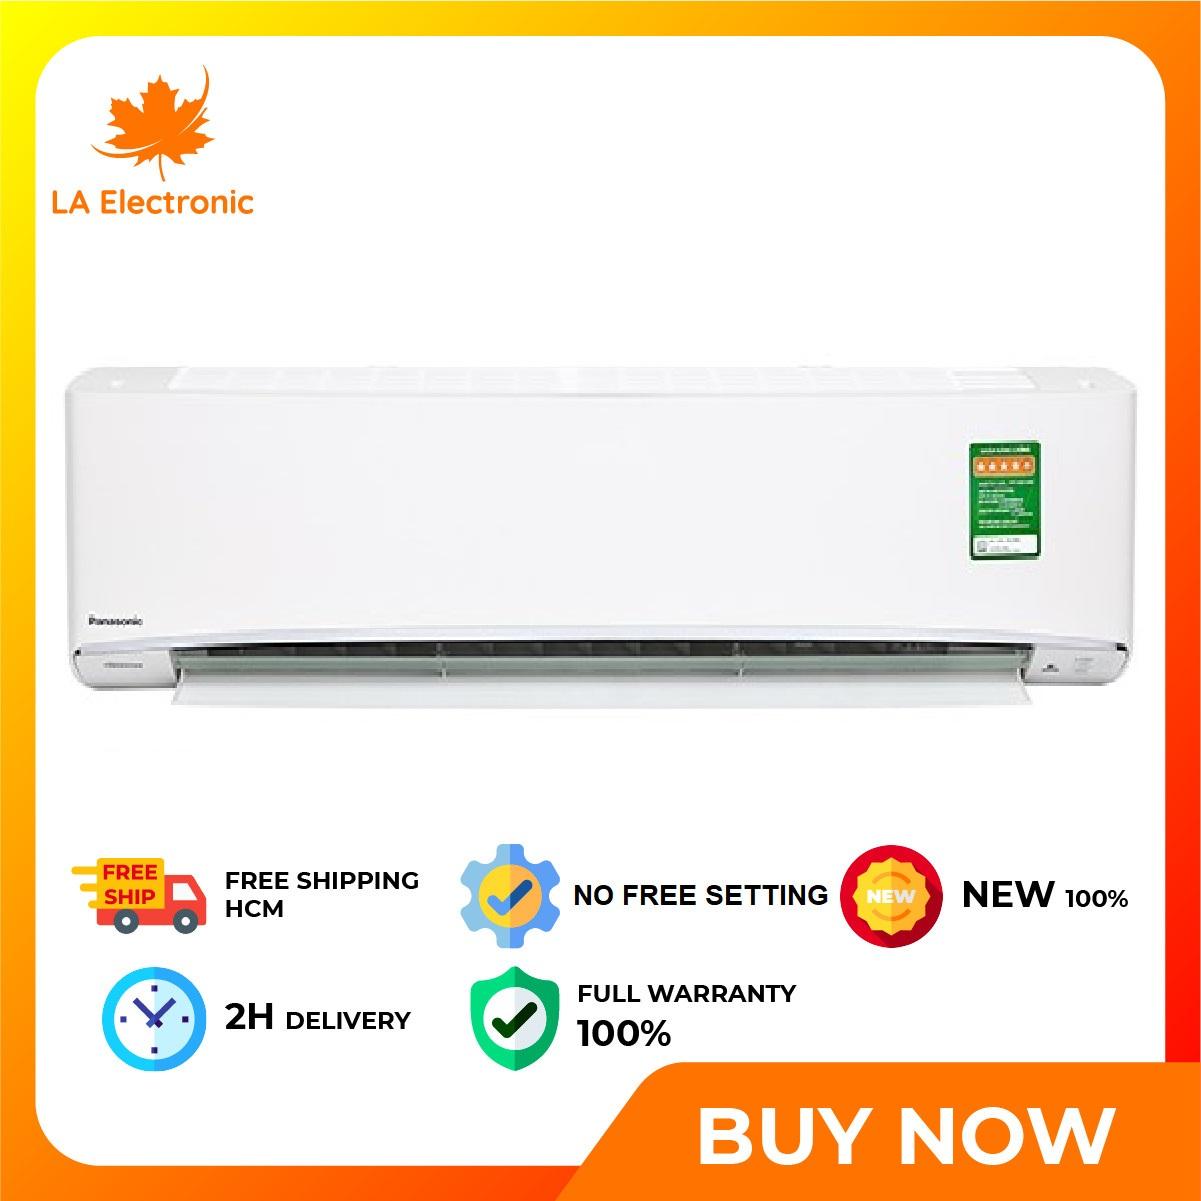 [GIAO HÀNG 2 - 15 NGÀY, TRỄ NHẤT 15.08] Trả Góp 0% - Máy lạnh Panasonic Inverter 2 HP CU/CS-XU18UKH-8 - Miễn phí vận chuyển HCM